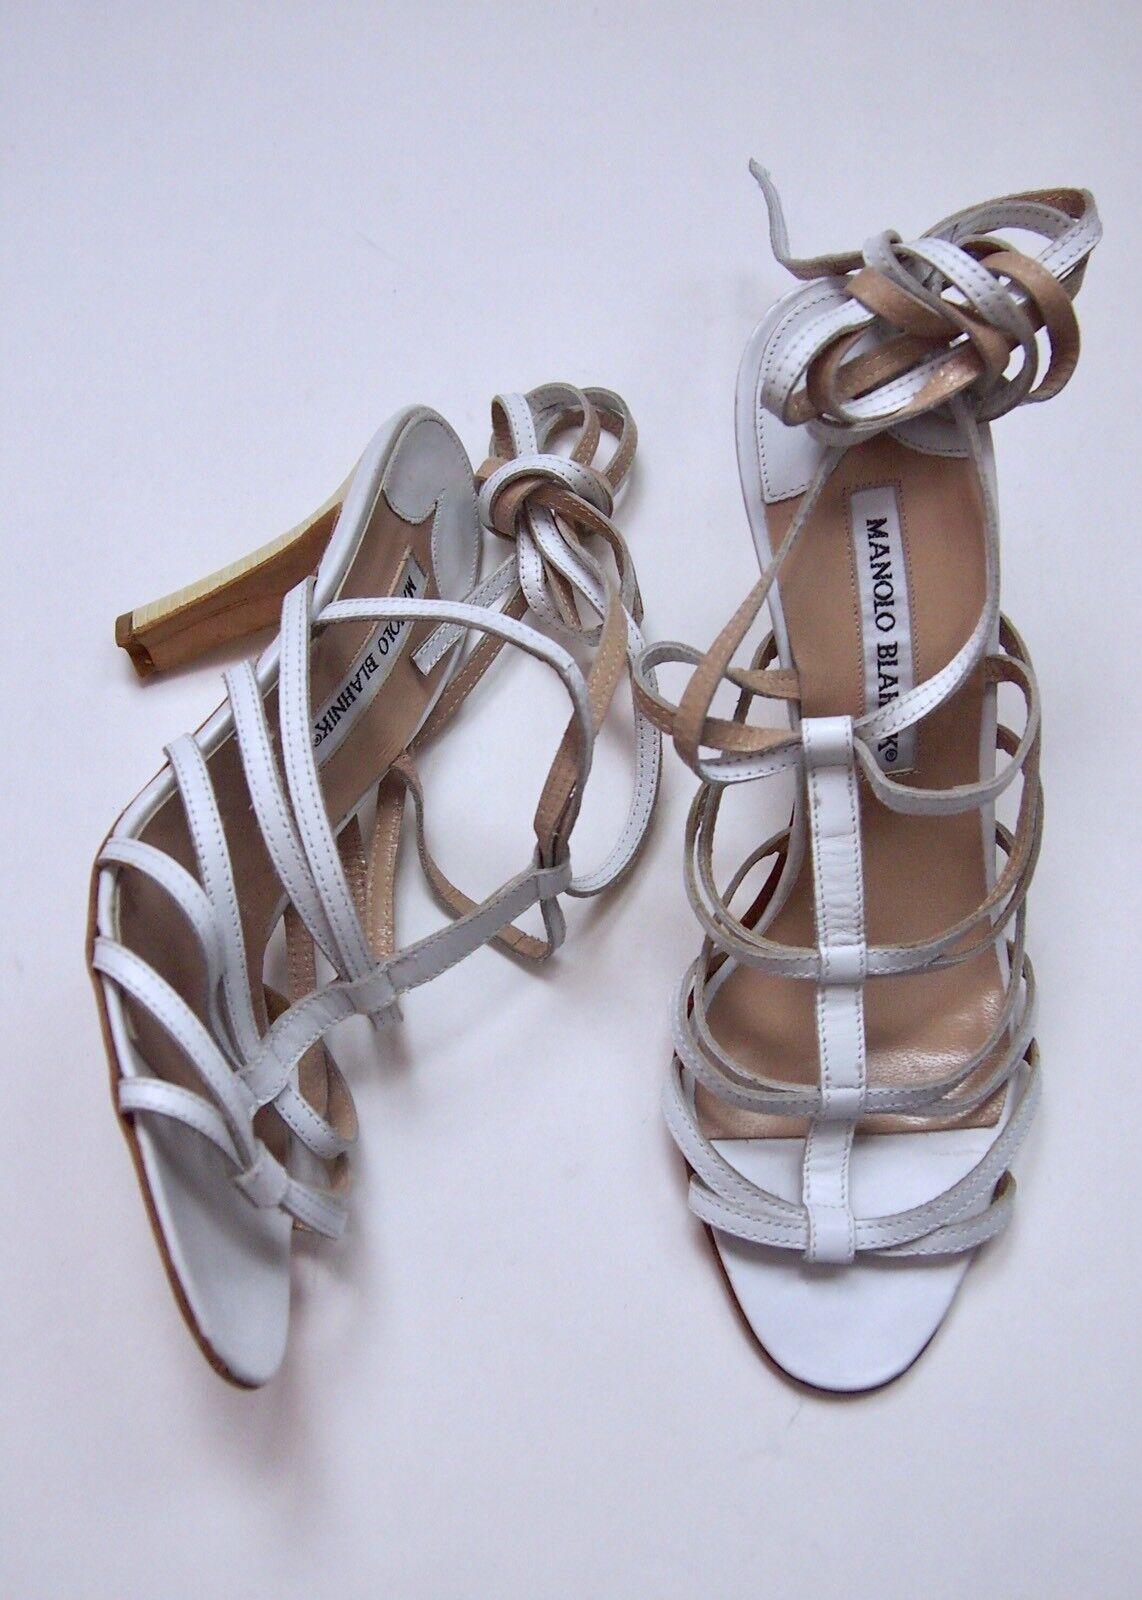 NEW Manolo Blahnik 38.5 EU 8.5 USA Weiß Strappy Skinny Sandales Heel ITALY NWOB